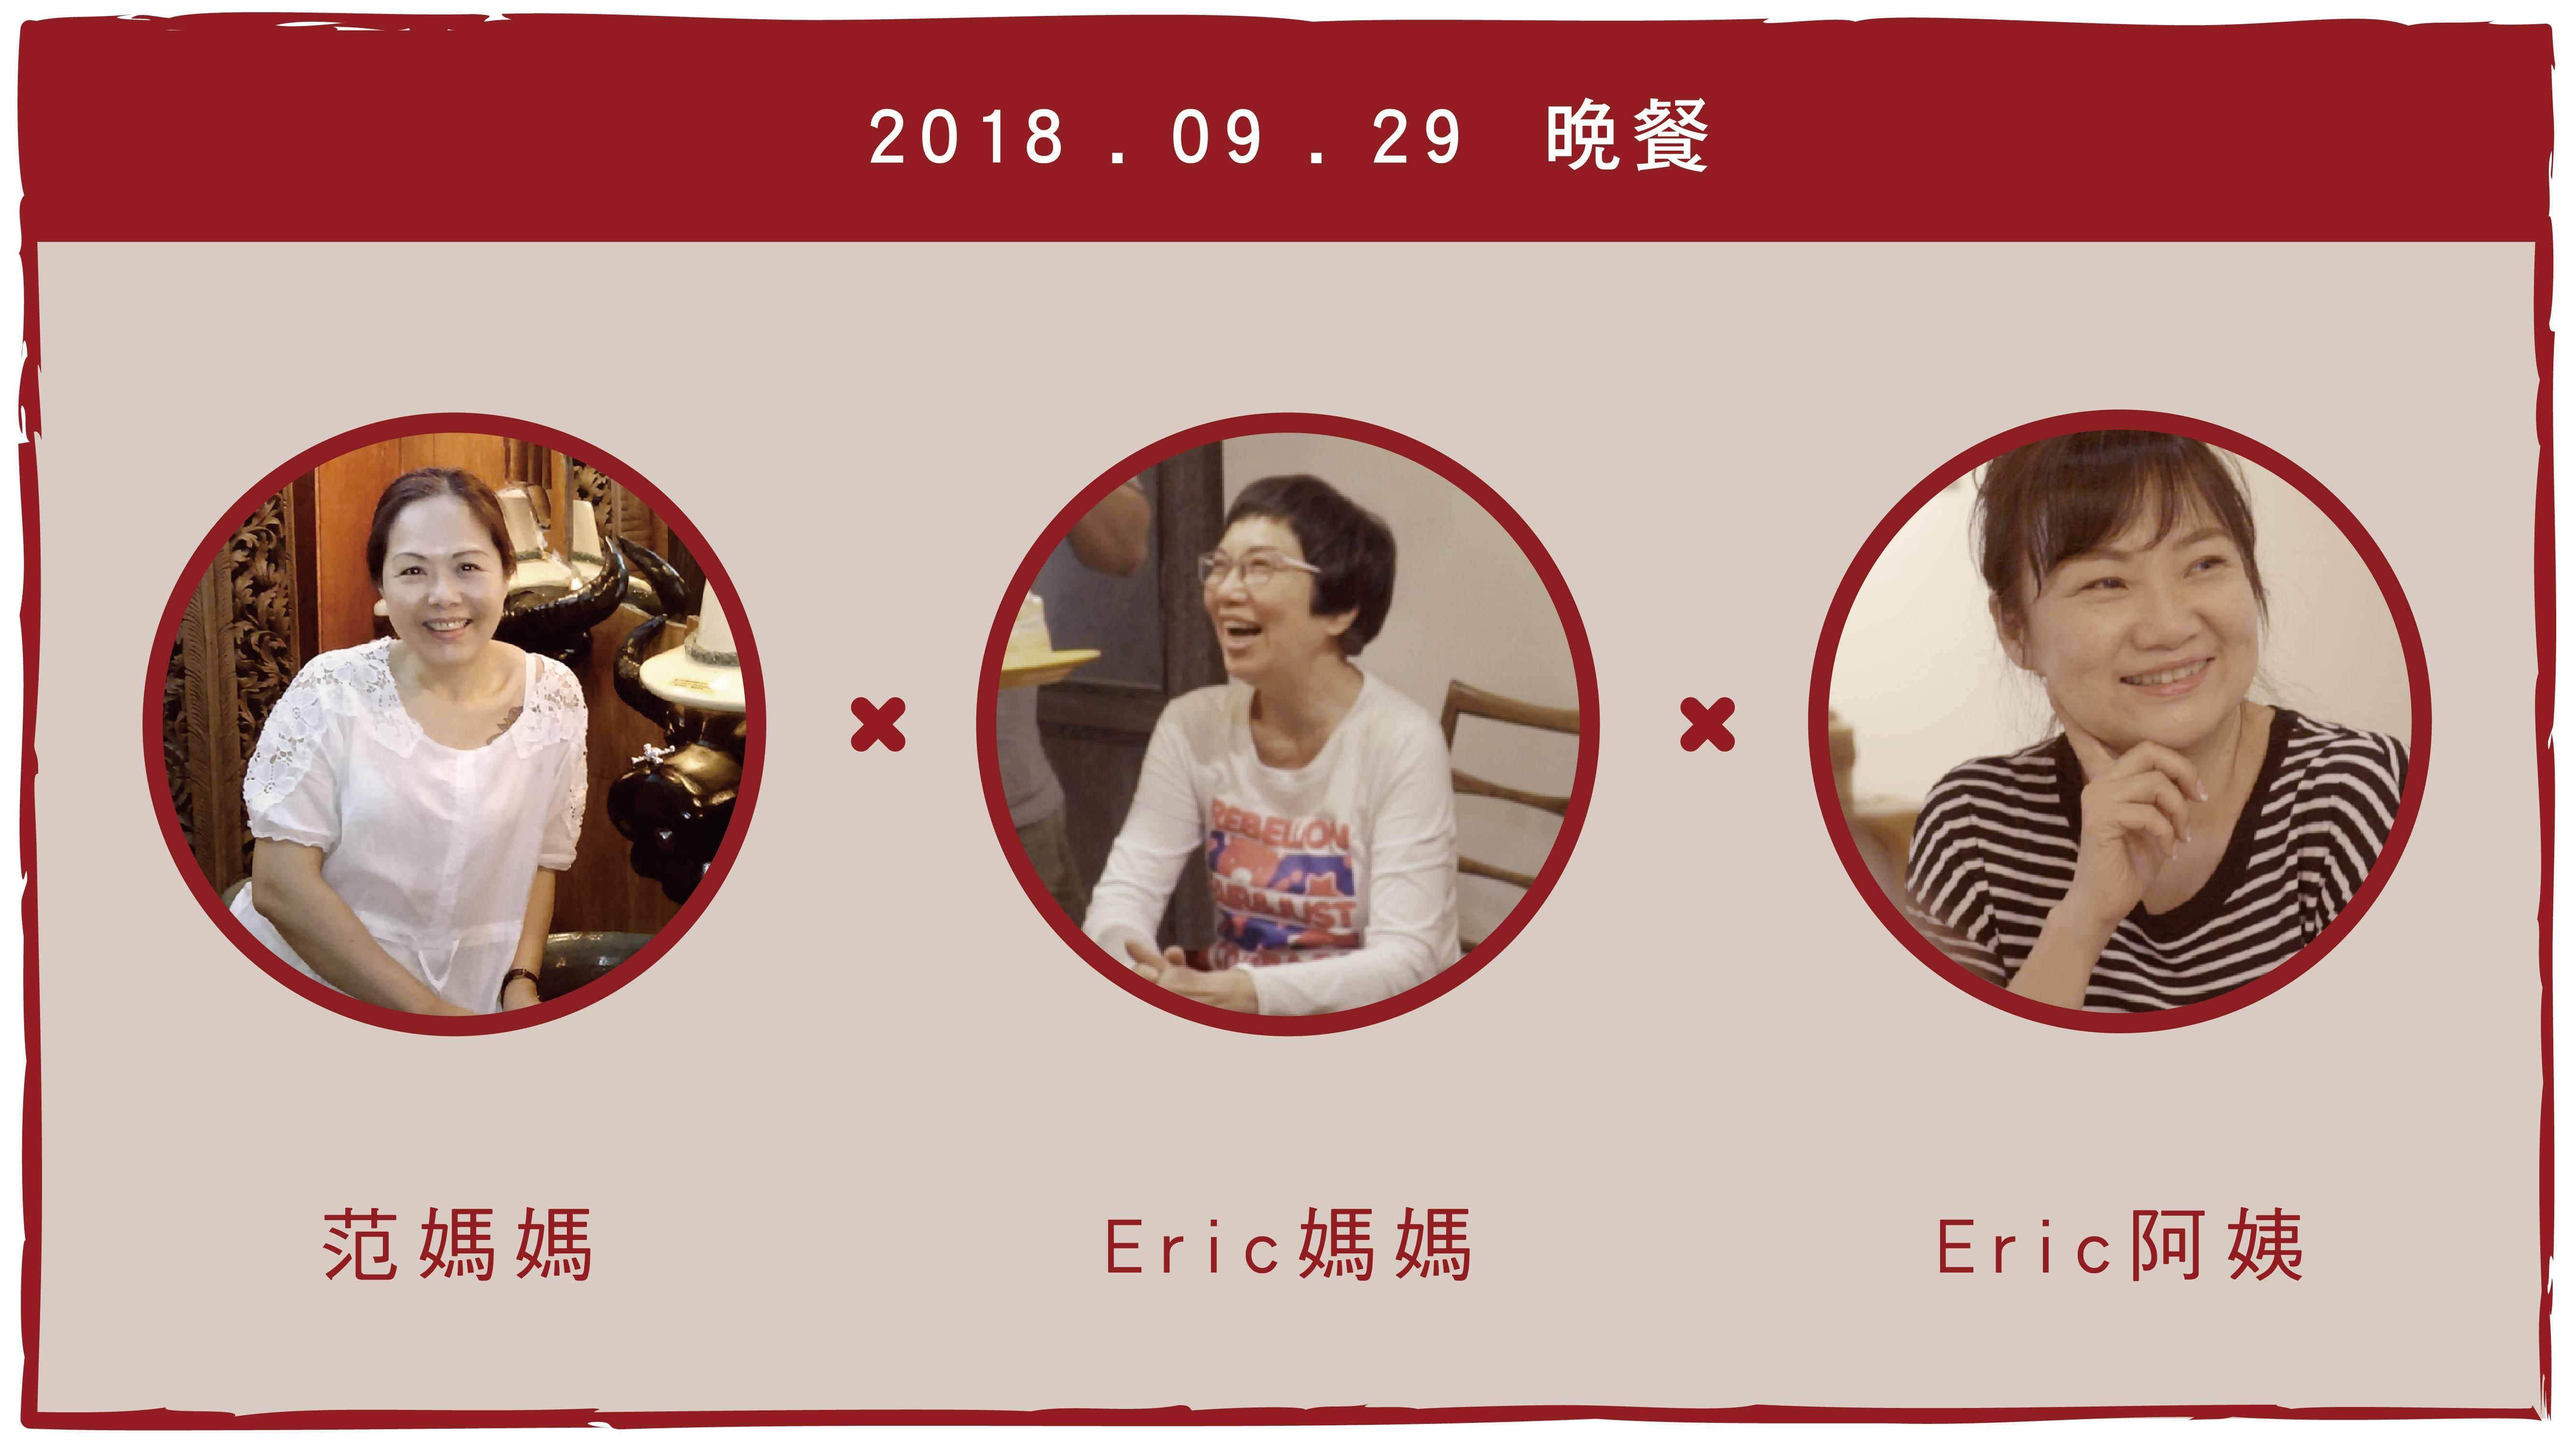 主廚介紹示意_0929